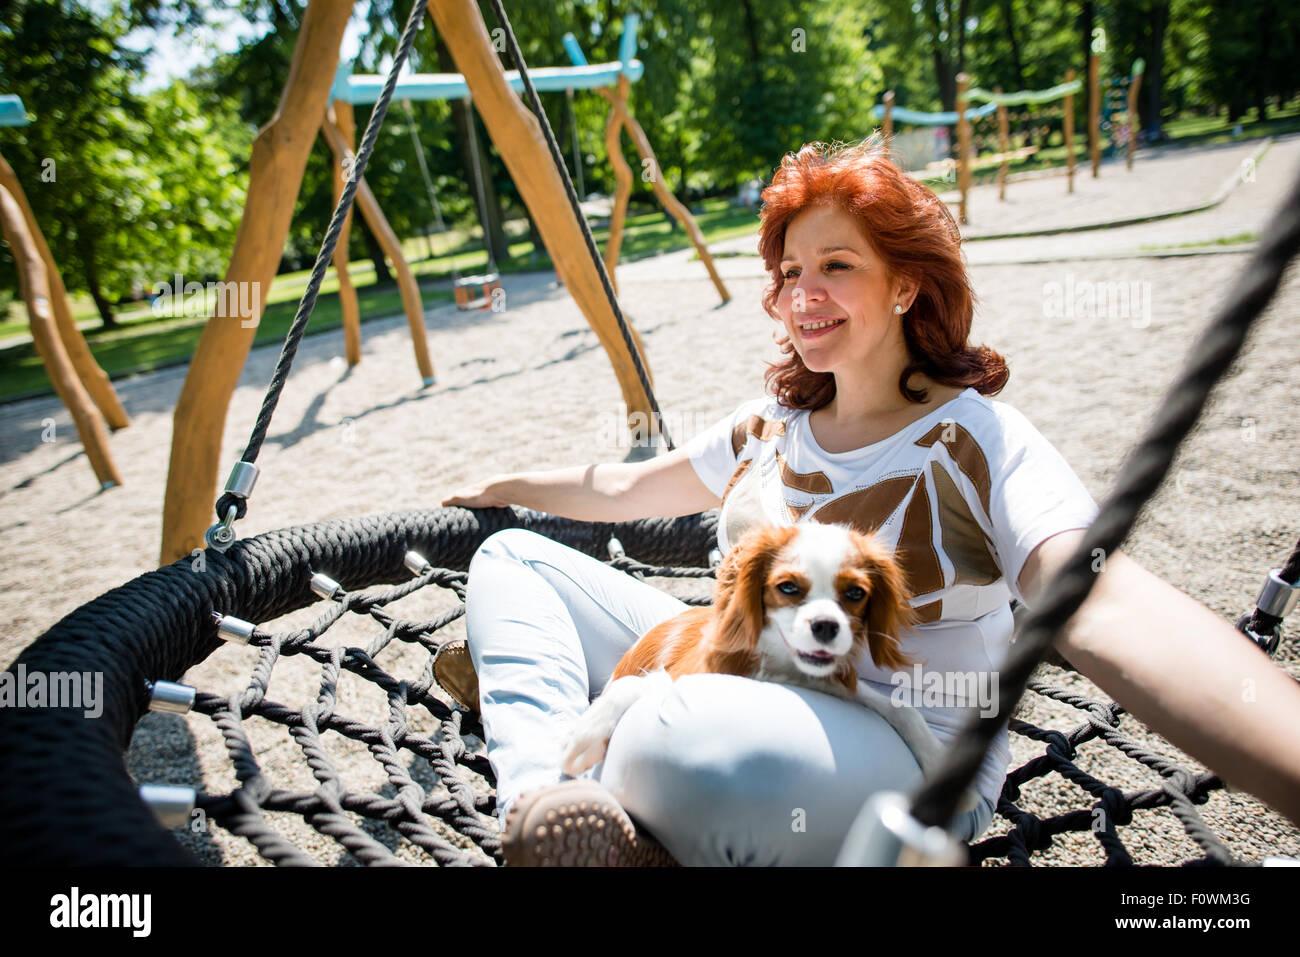 Donna matura oscillante con il suo animale amico al di fuori nel parco giochi Immagini Stock